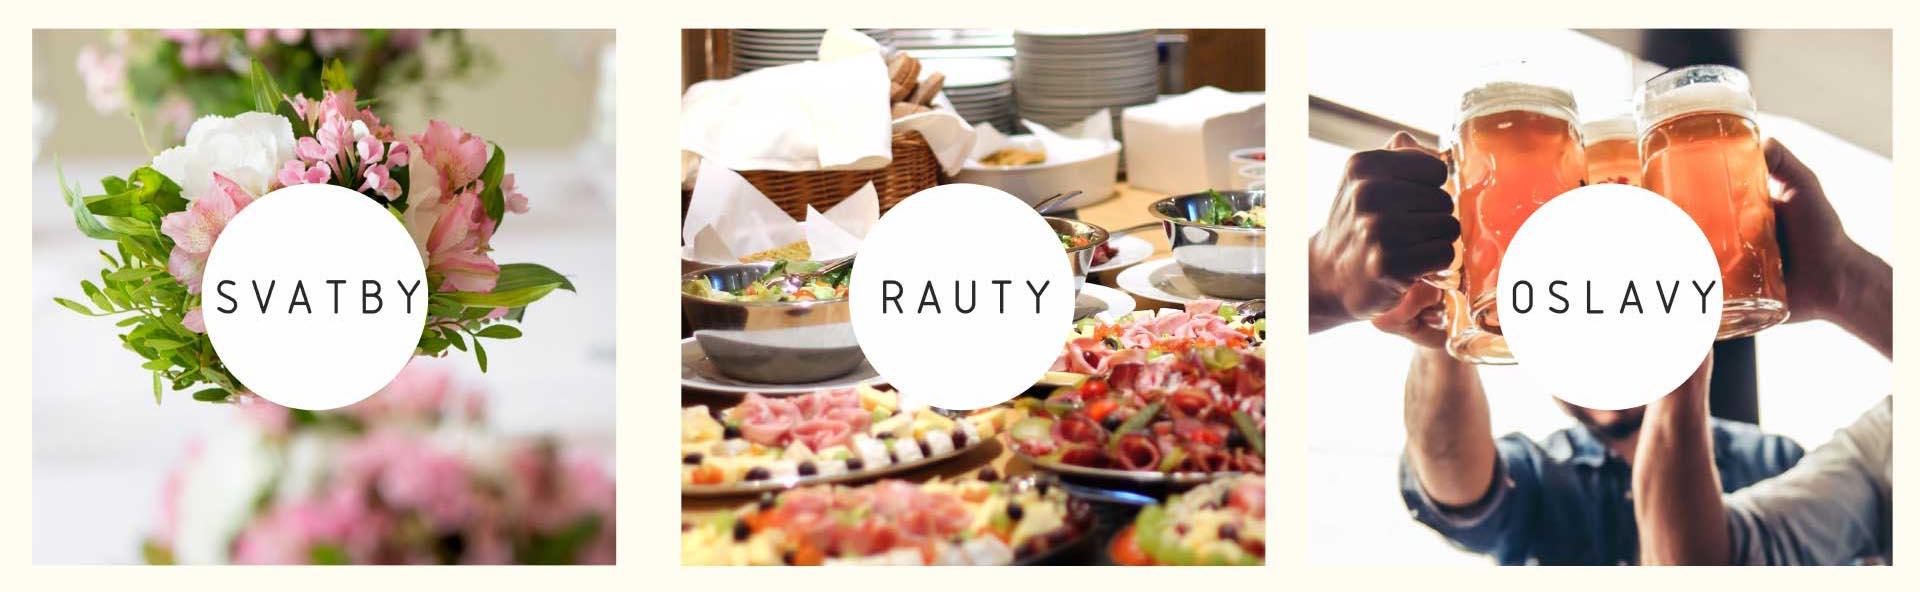 Svatby, rauty, oslavy a mnoho dalšího Vám nabízí Restaurace SPORT v Hradci nad Moravicí